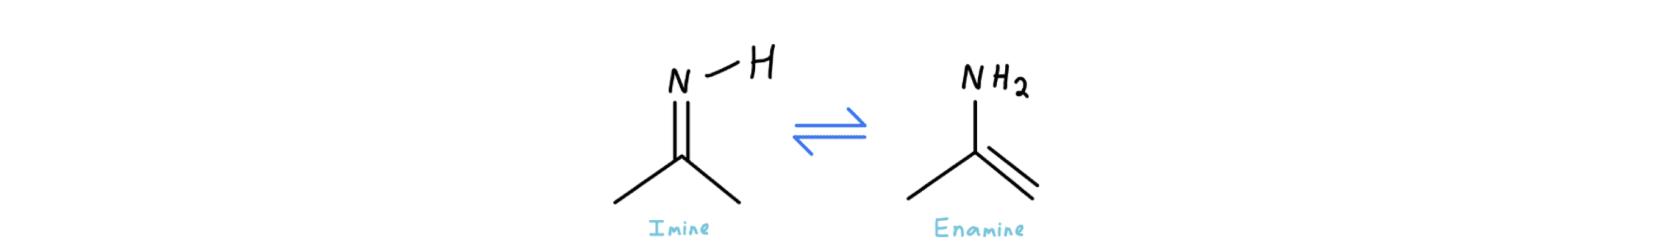 Imine Enamine Tautomerization